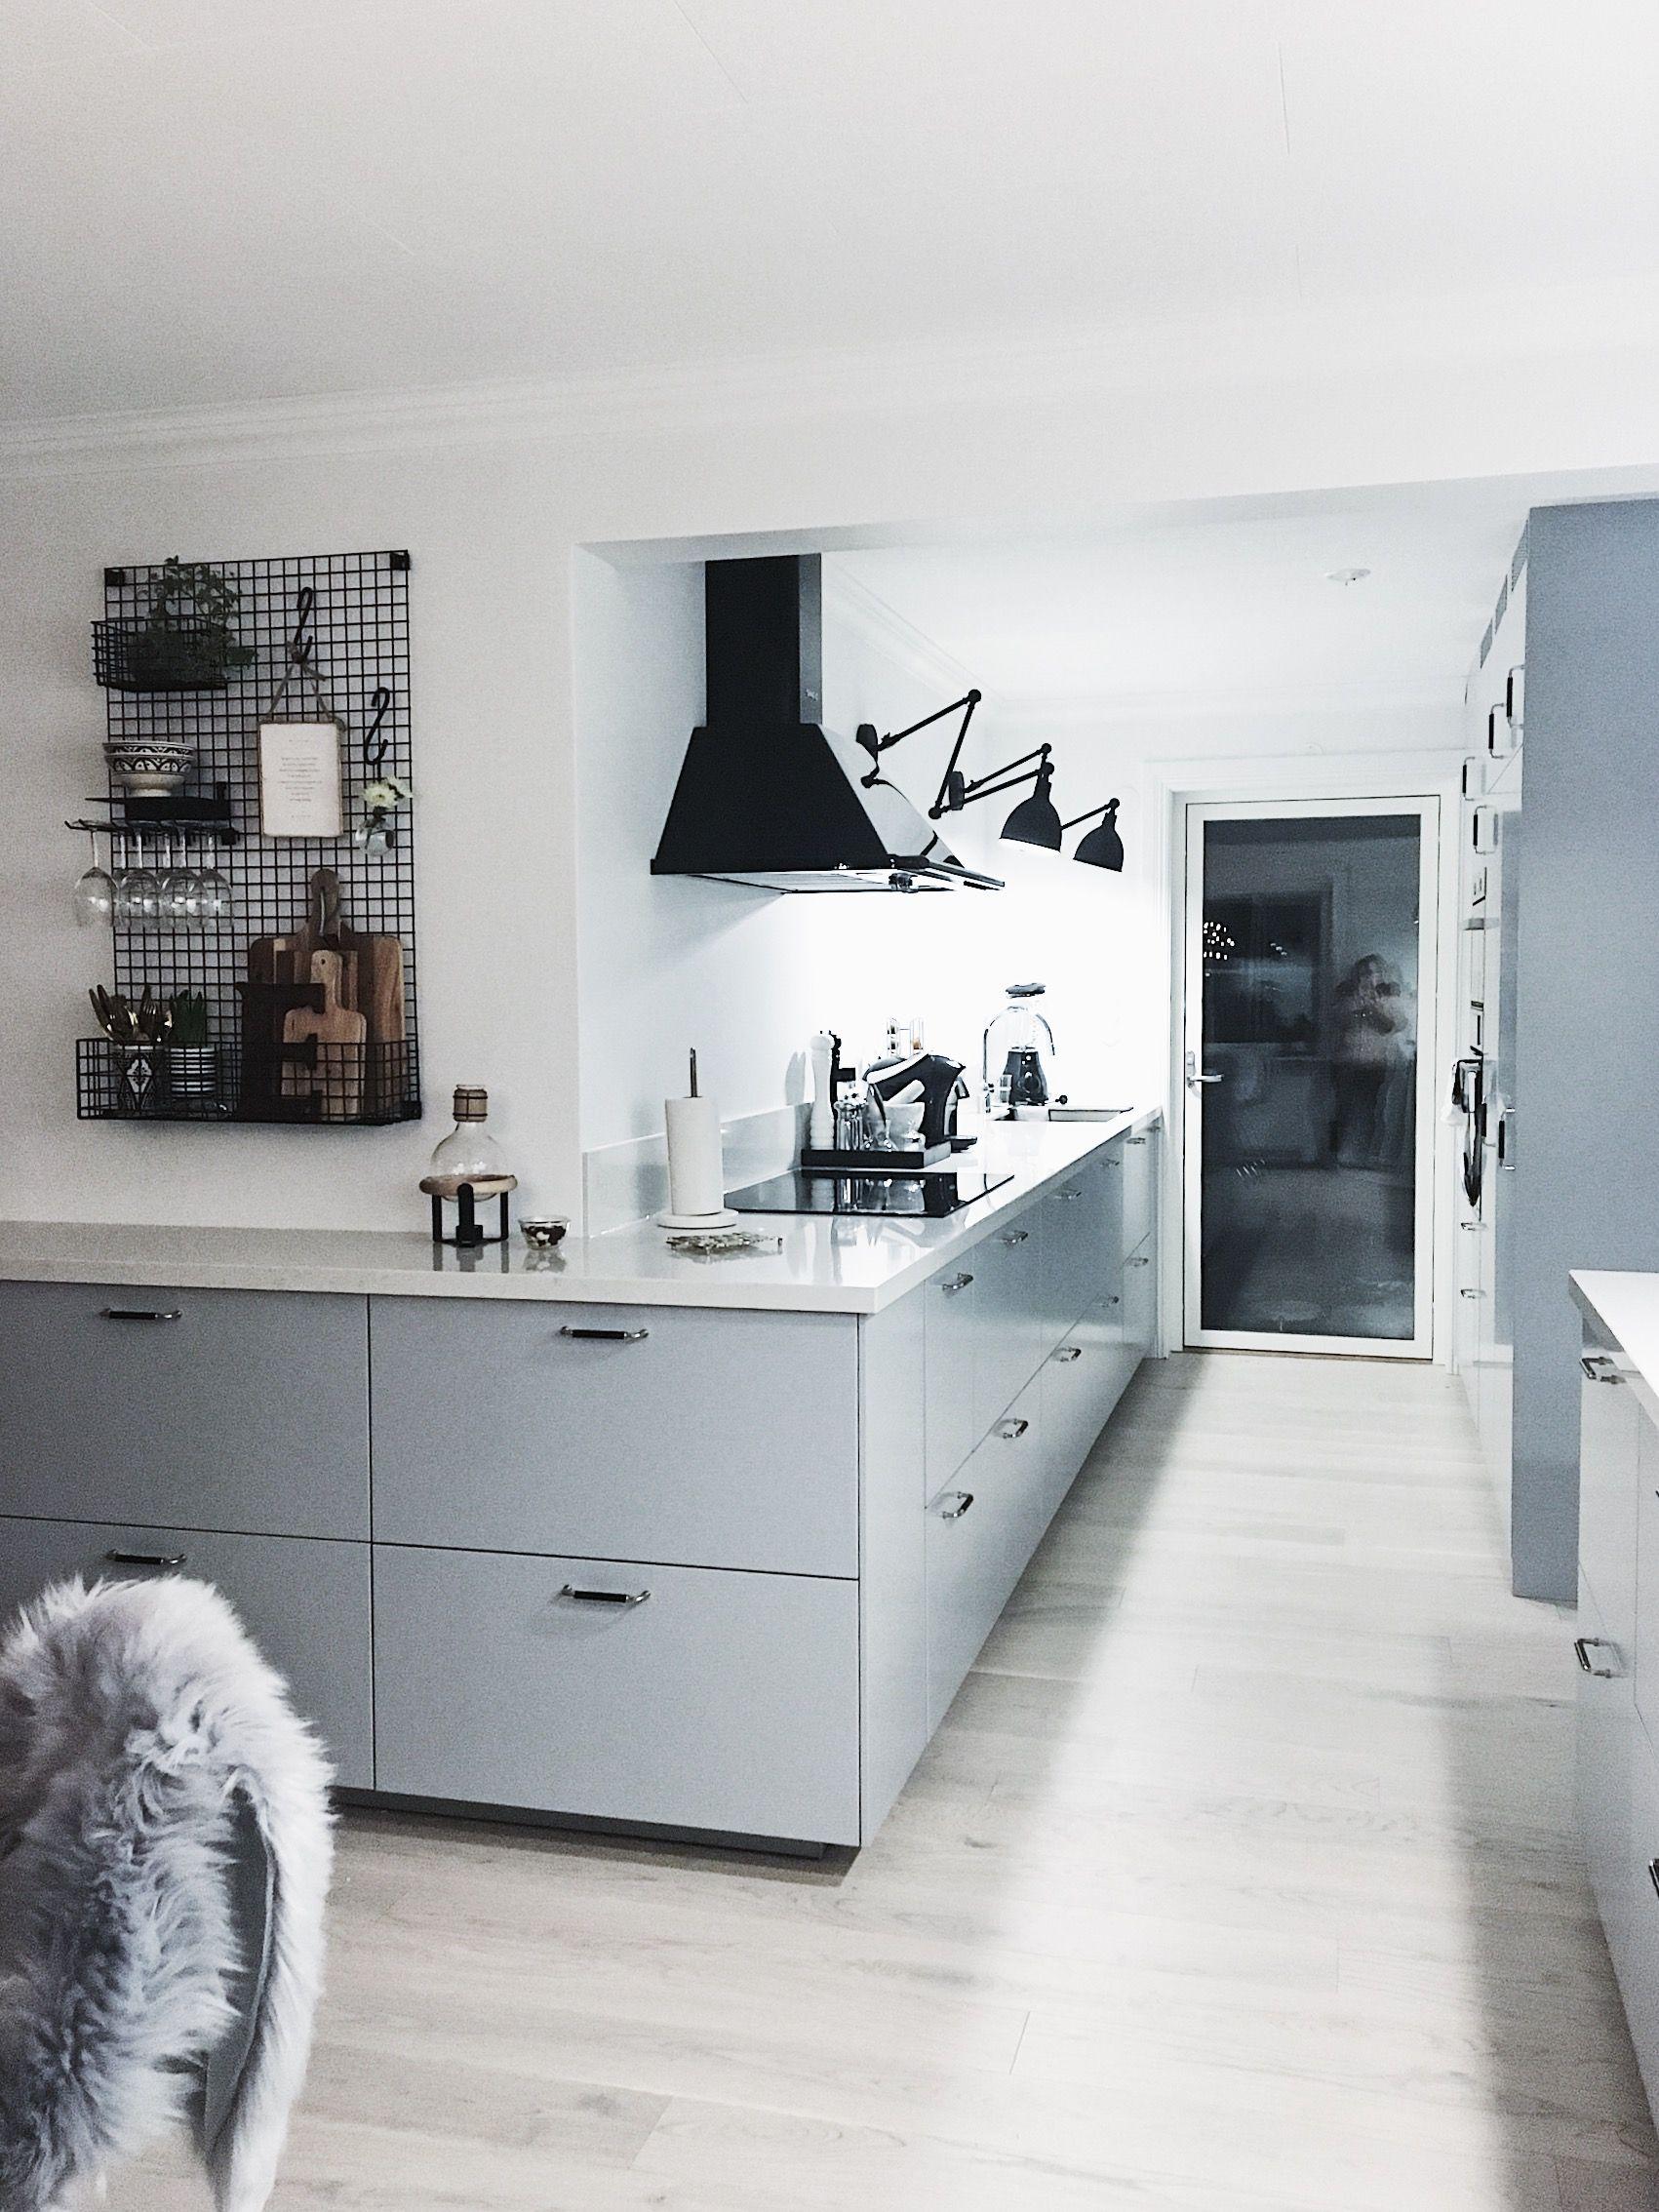 Ikea Veddinge Gra Kok Inspiration Gratt Koksinredning Koksrenovering